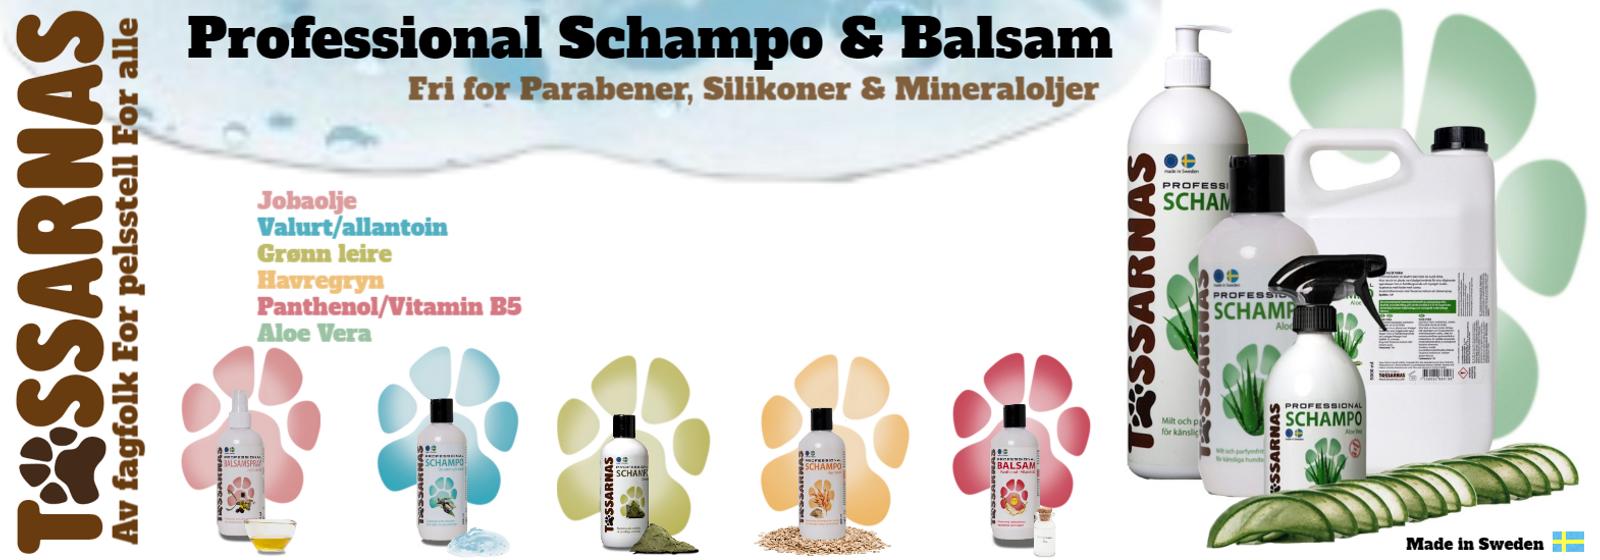 Sjampo og balsam til hund og katt, Tassarnas professional. Stell og vask av hundepels